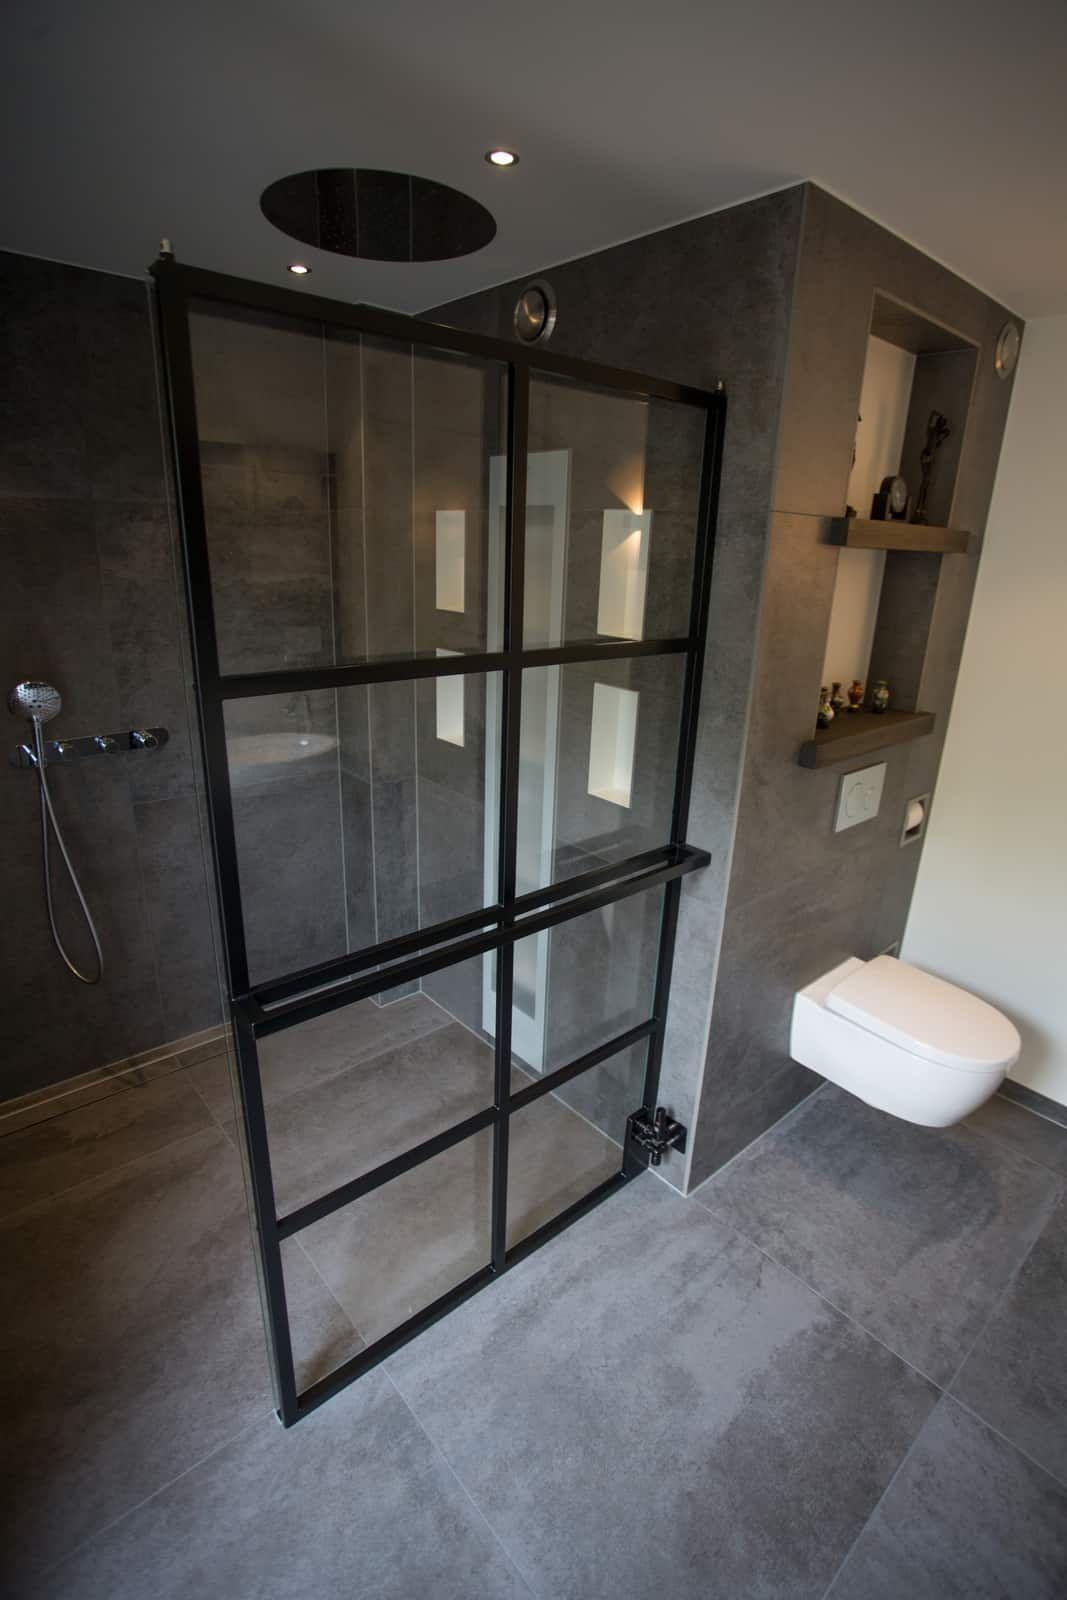 Dek design wall genieten van functionaliteit en warmte in de badkamer met also rh nl pinterest